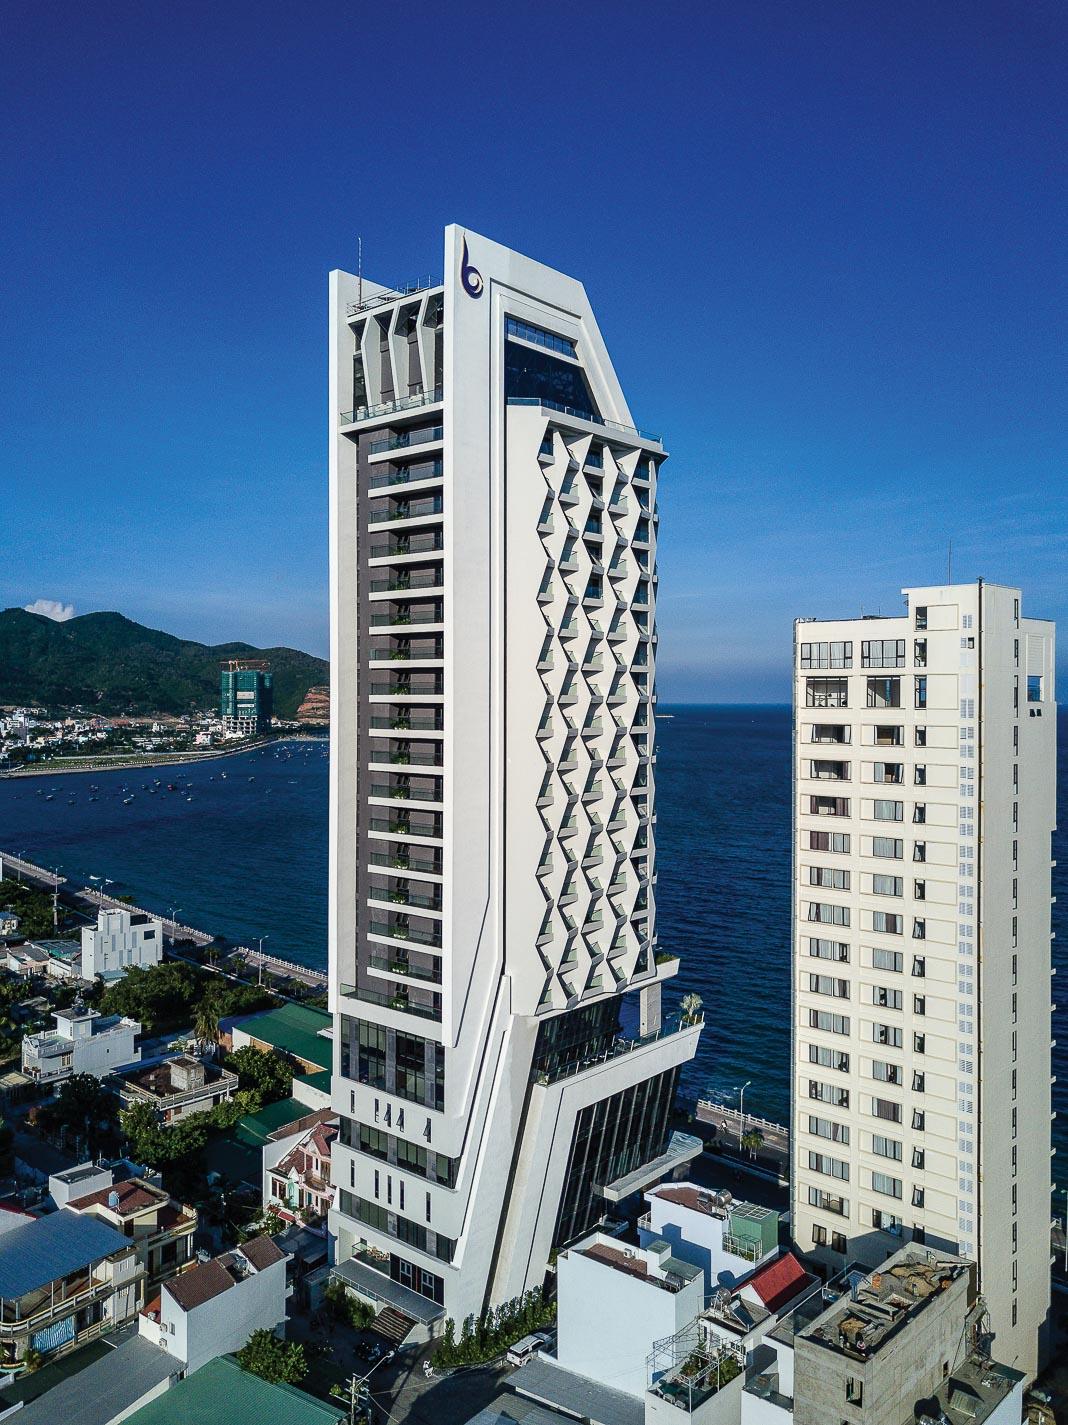 Khách sạn năm sao Boton BLueNha Trang- một dự án tiêu biểu của HML Architecture 1